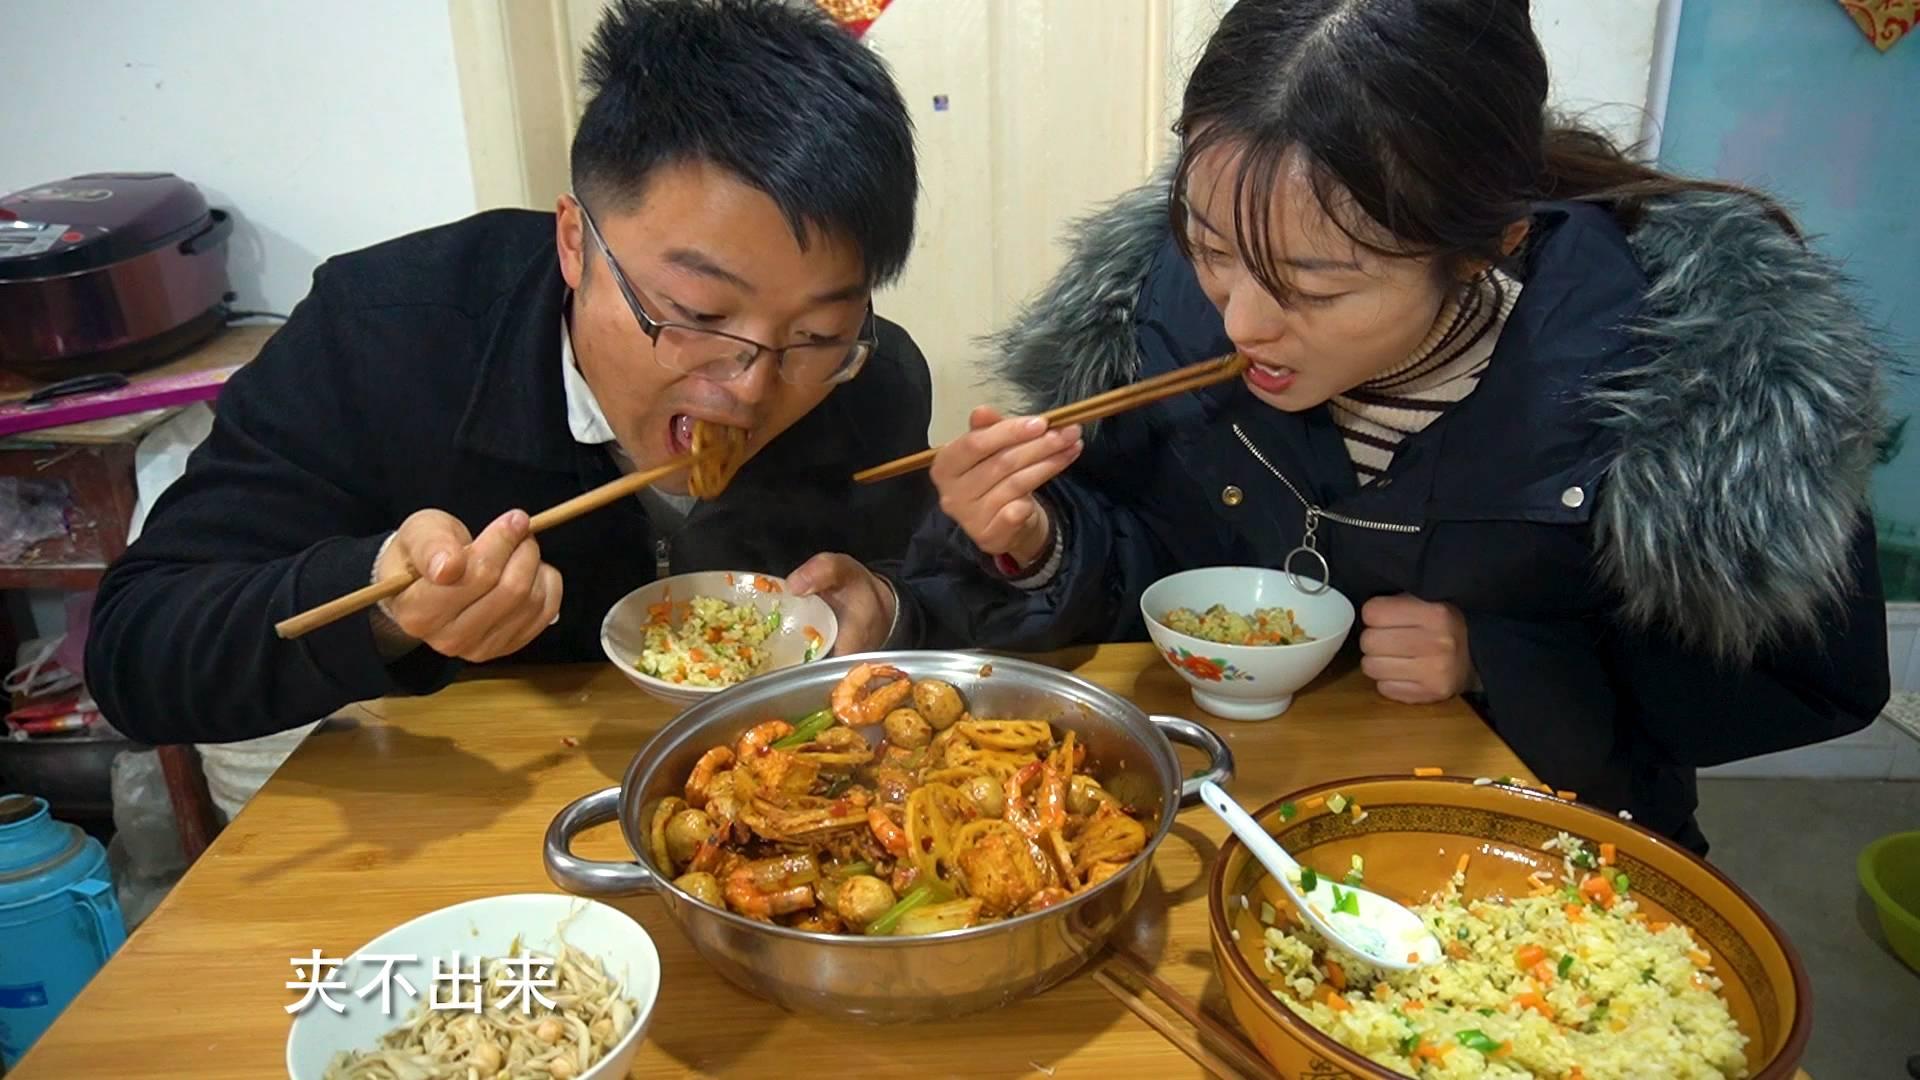 大虾肥肉麻辣香锅,大sao给老婆加餐,最后自己端盆吃,真过瘾